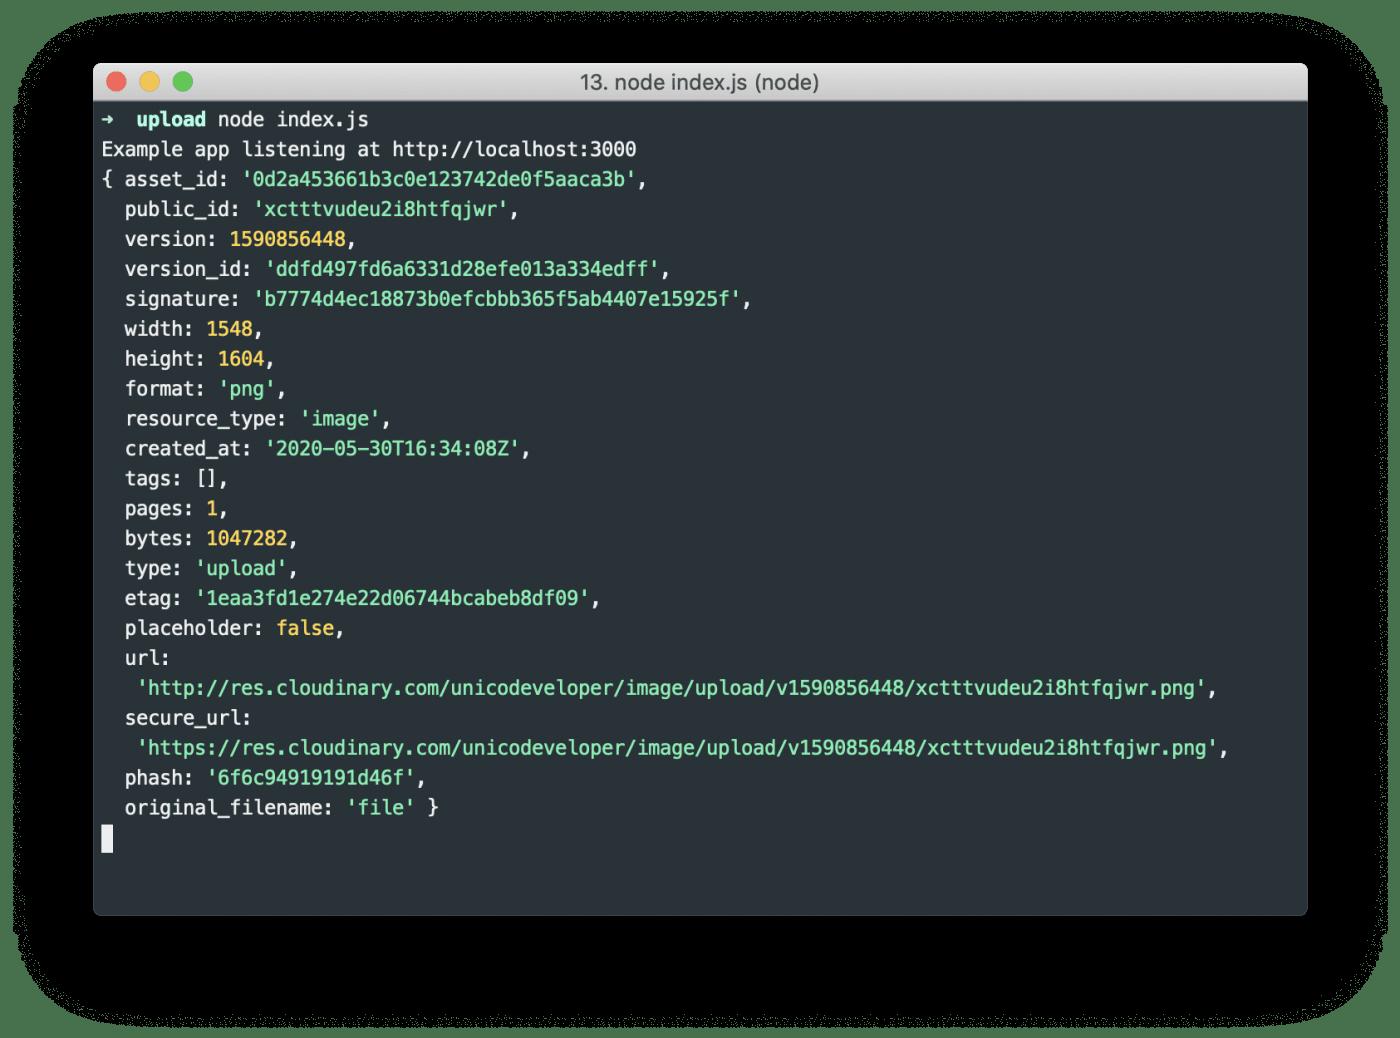 node.js index